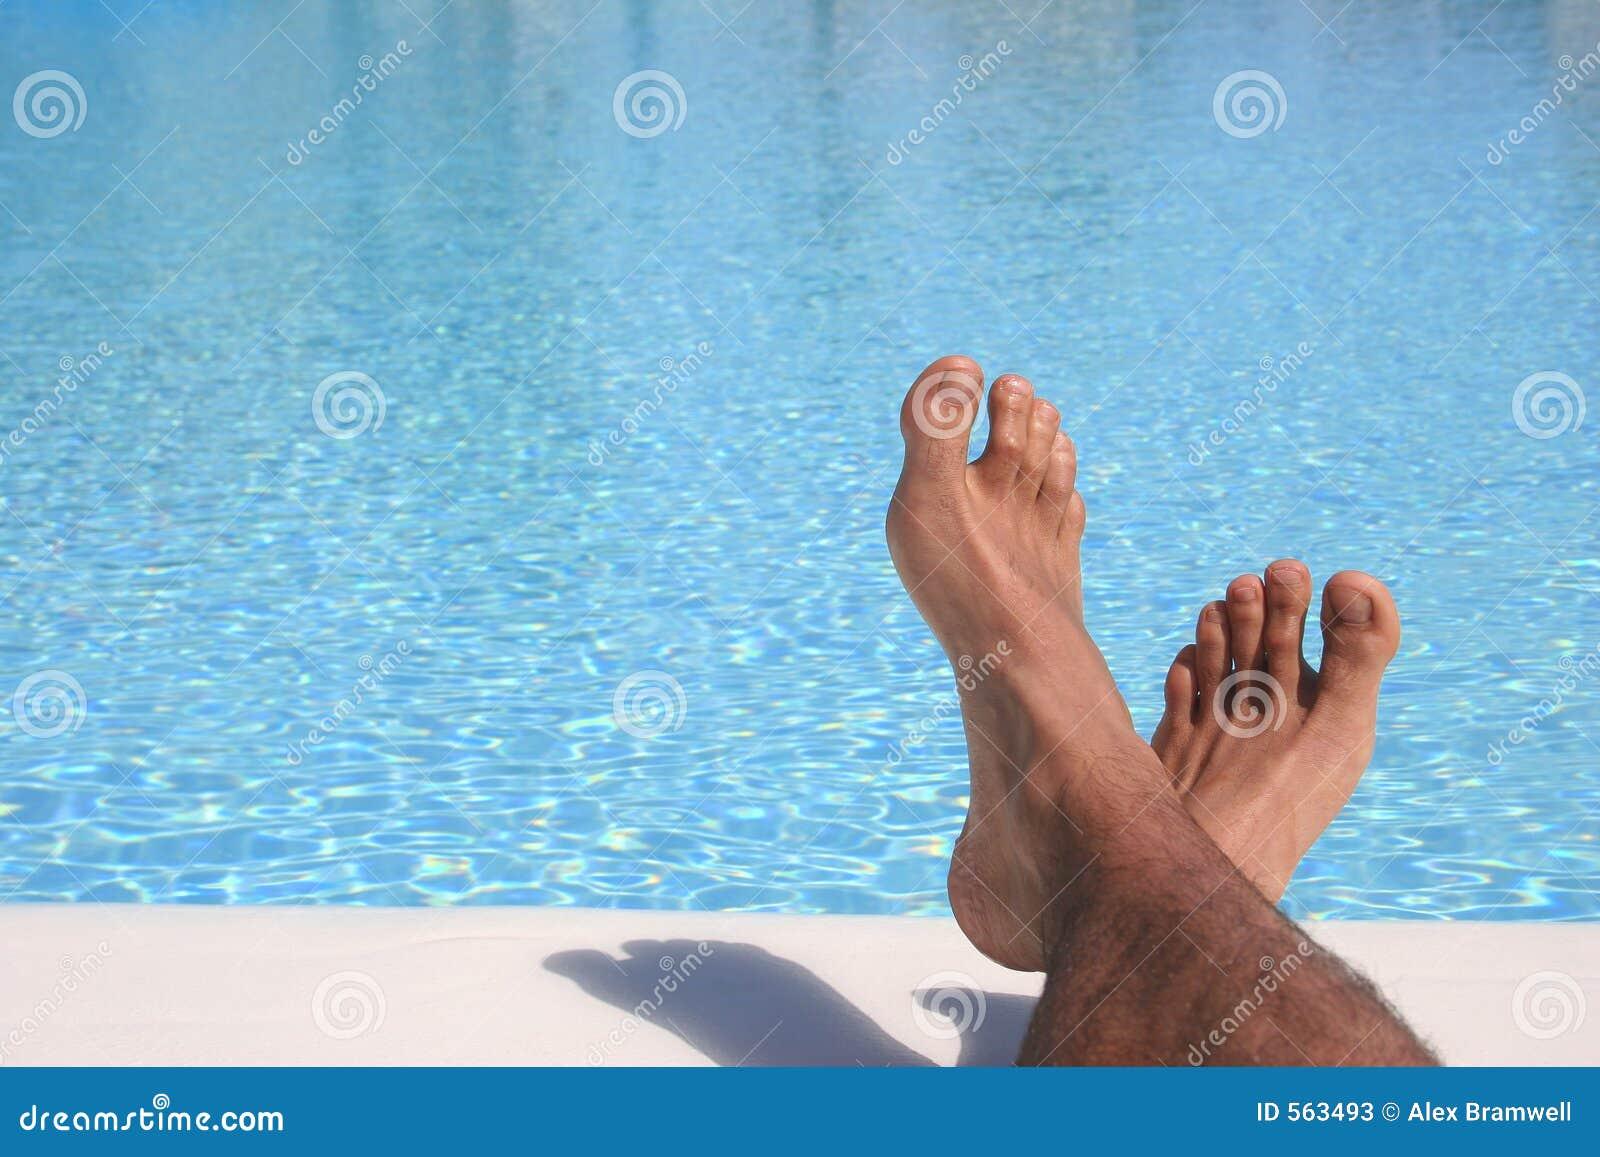 Blå fot pöl